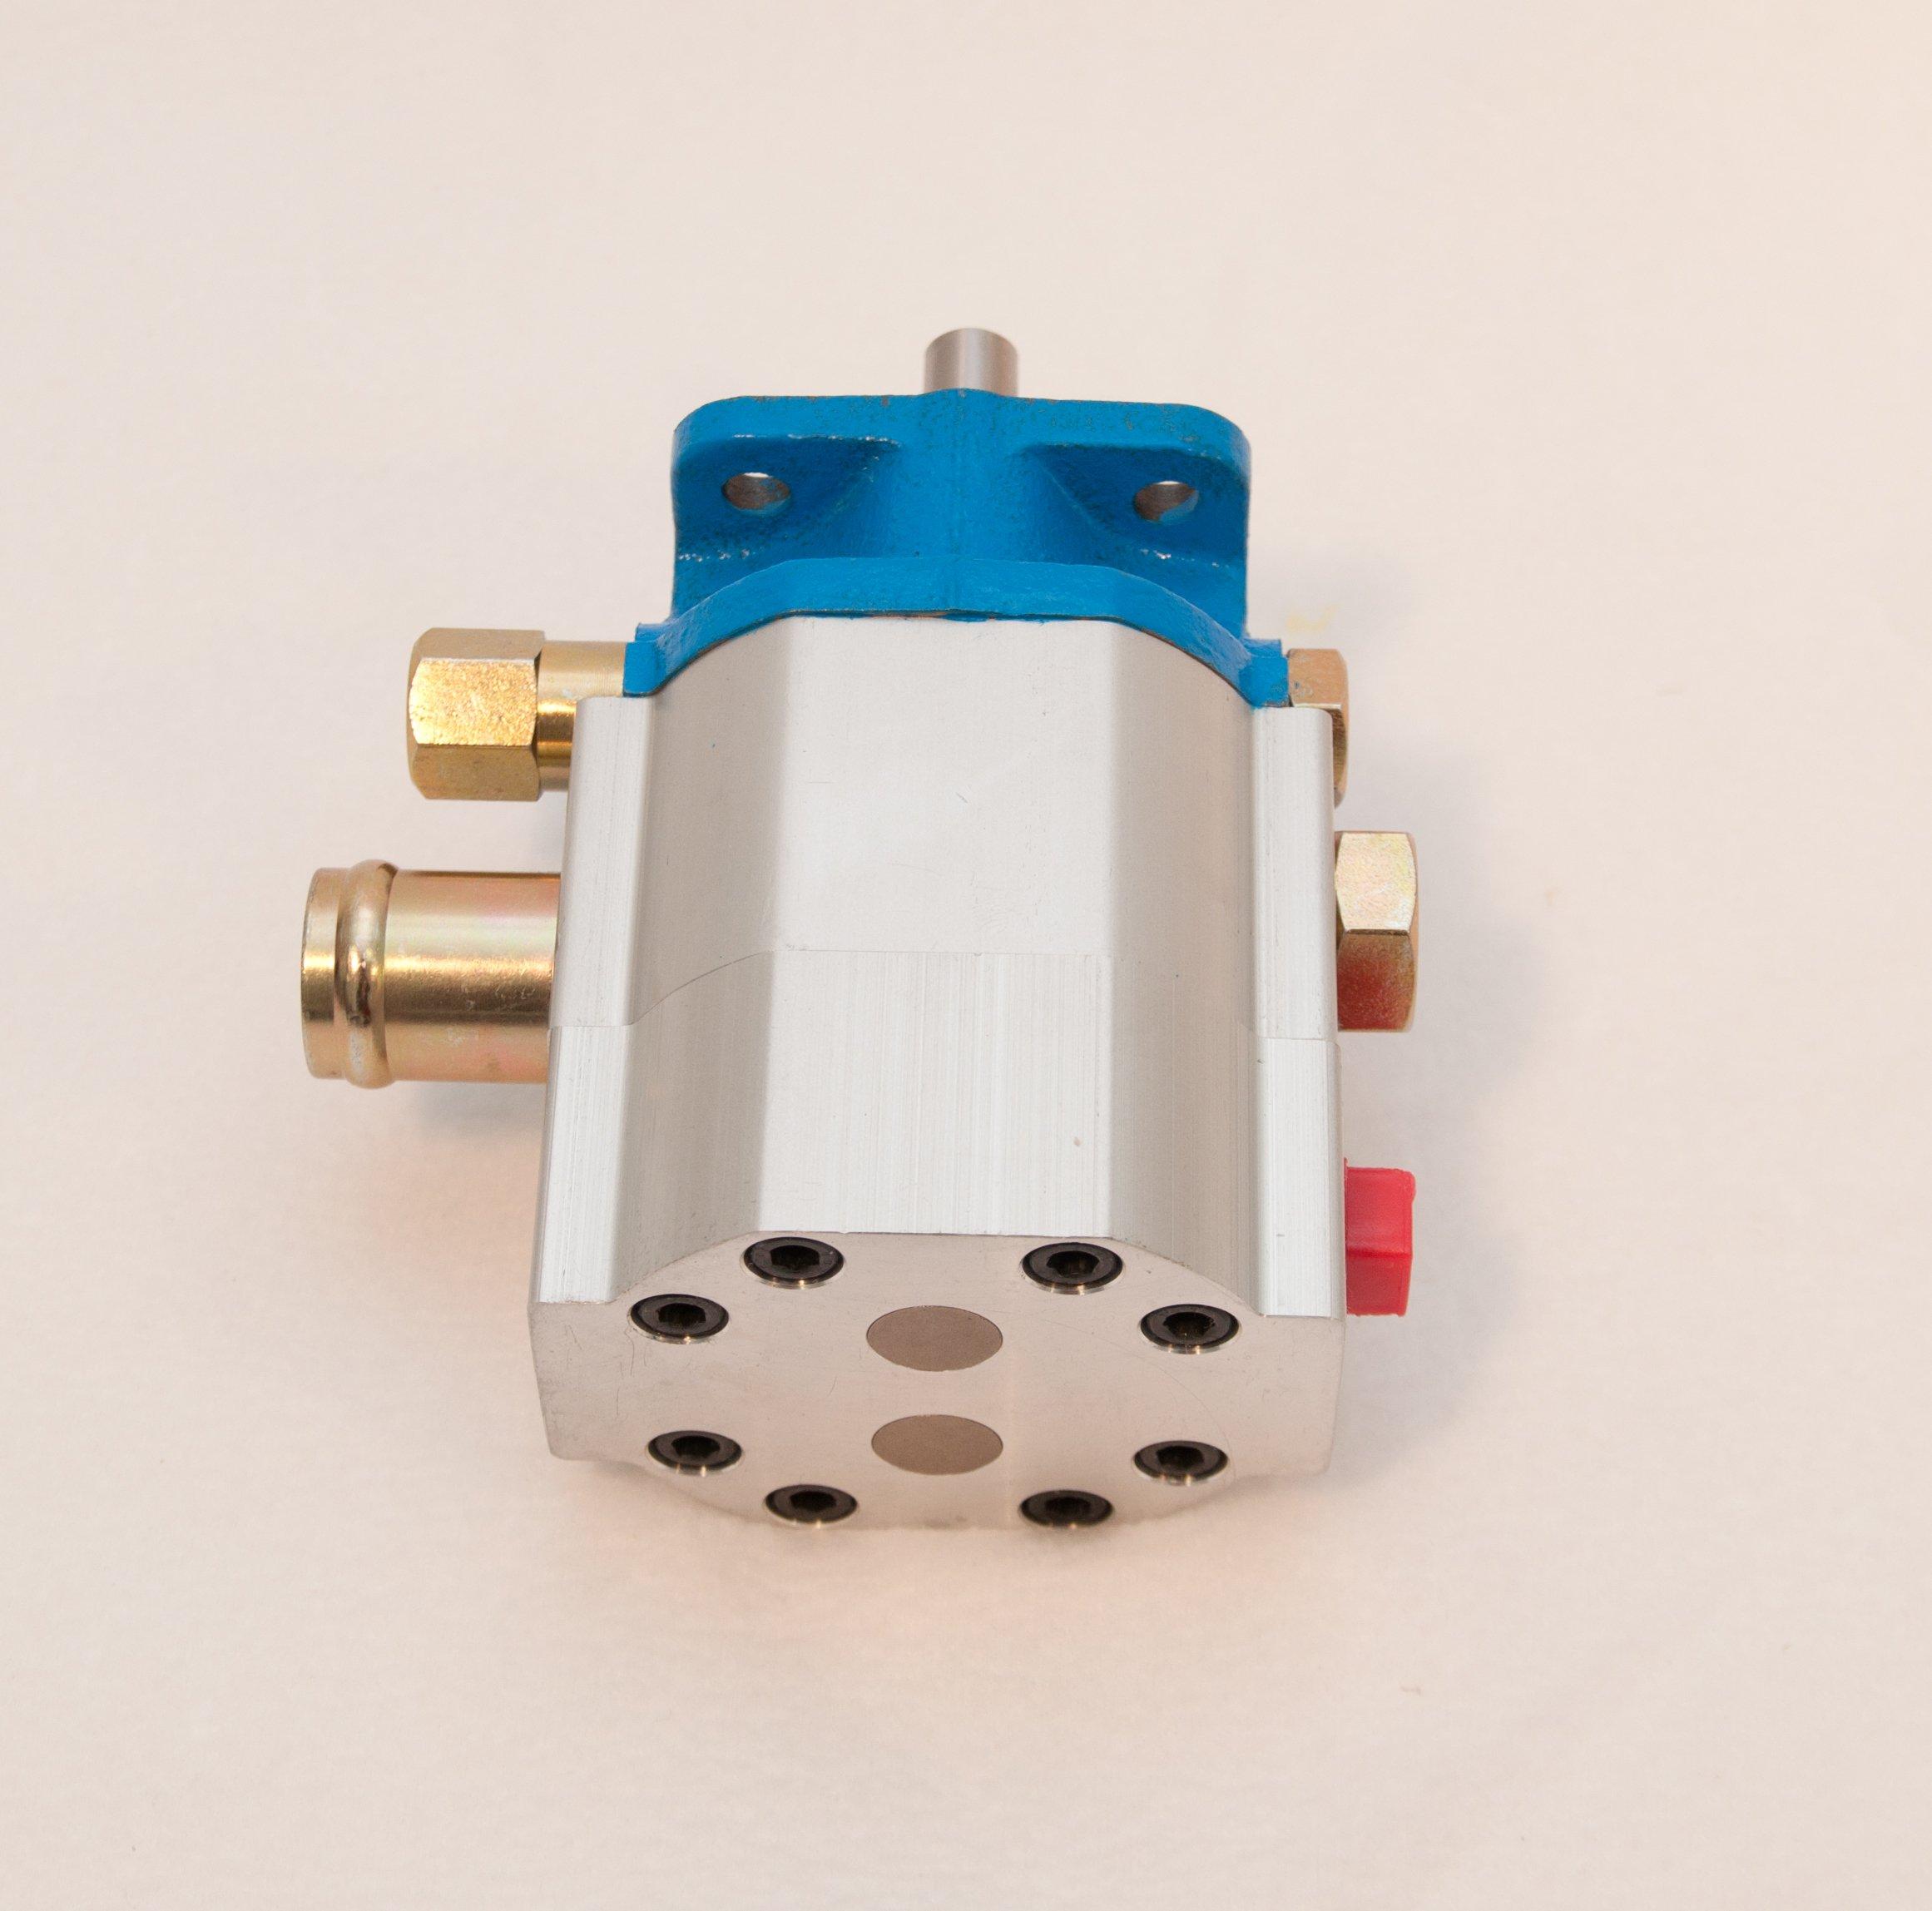 11GPM 2 Stage Hydraulic Log Splitter Pump